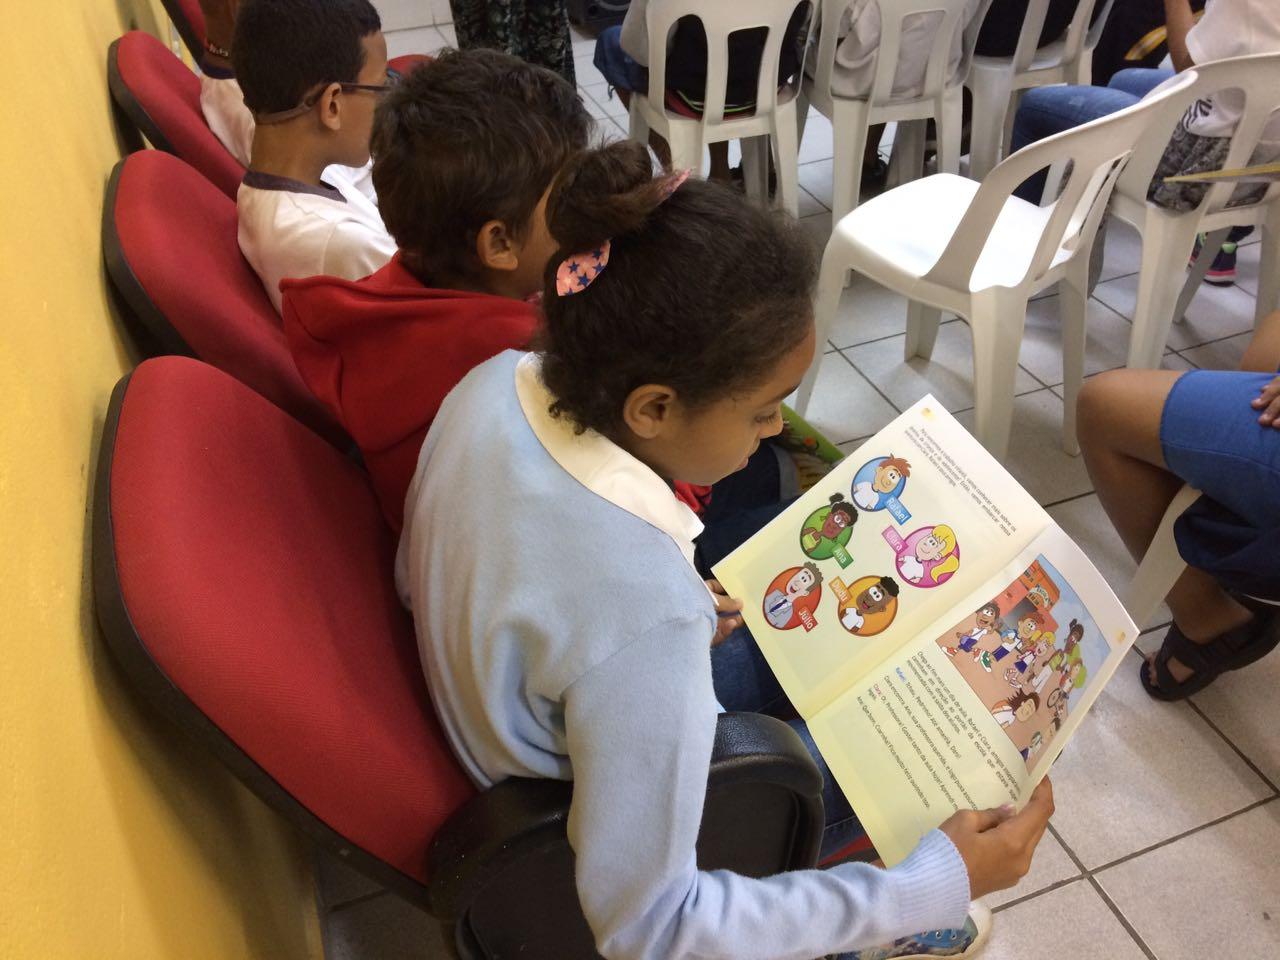 Formação sobre trabalho infantil. Crédito: Gabriela Rodrigues